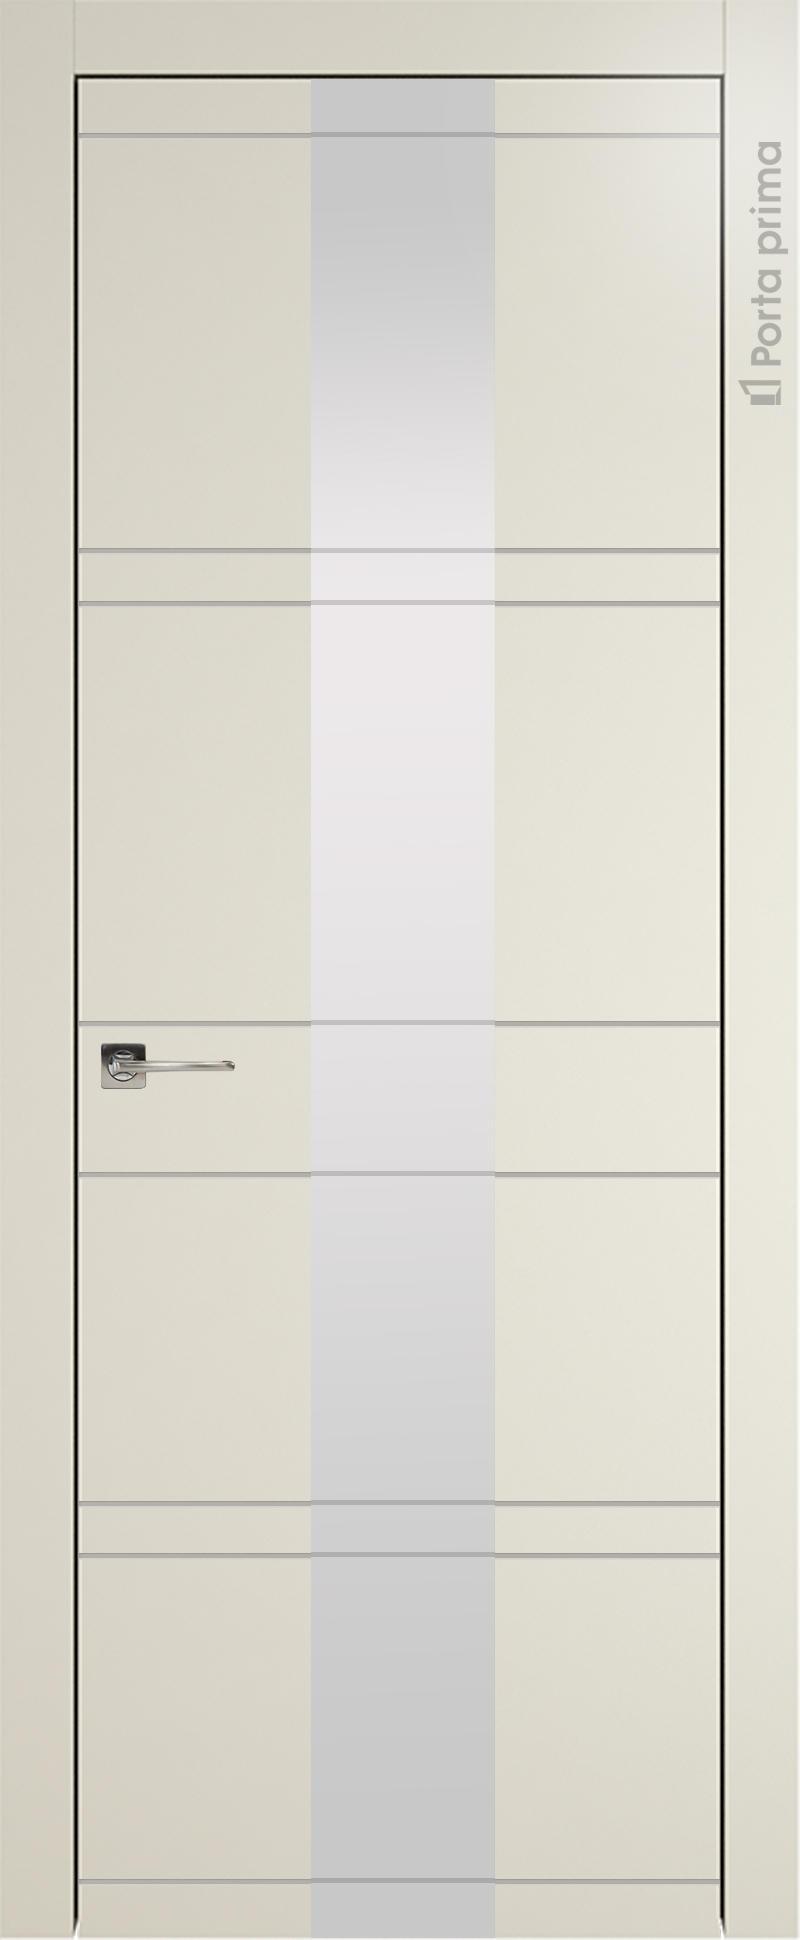 Tivoli Ж-2 цвет - Жемчужная эмаль (RAL 1013) Со стеклом (ДО)